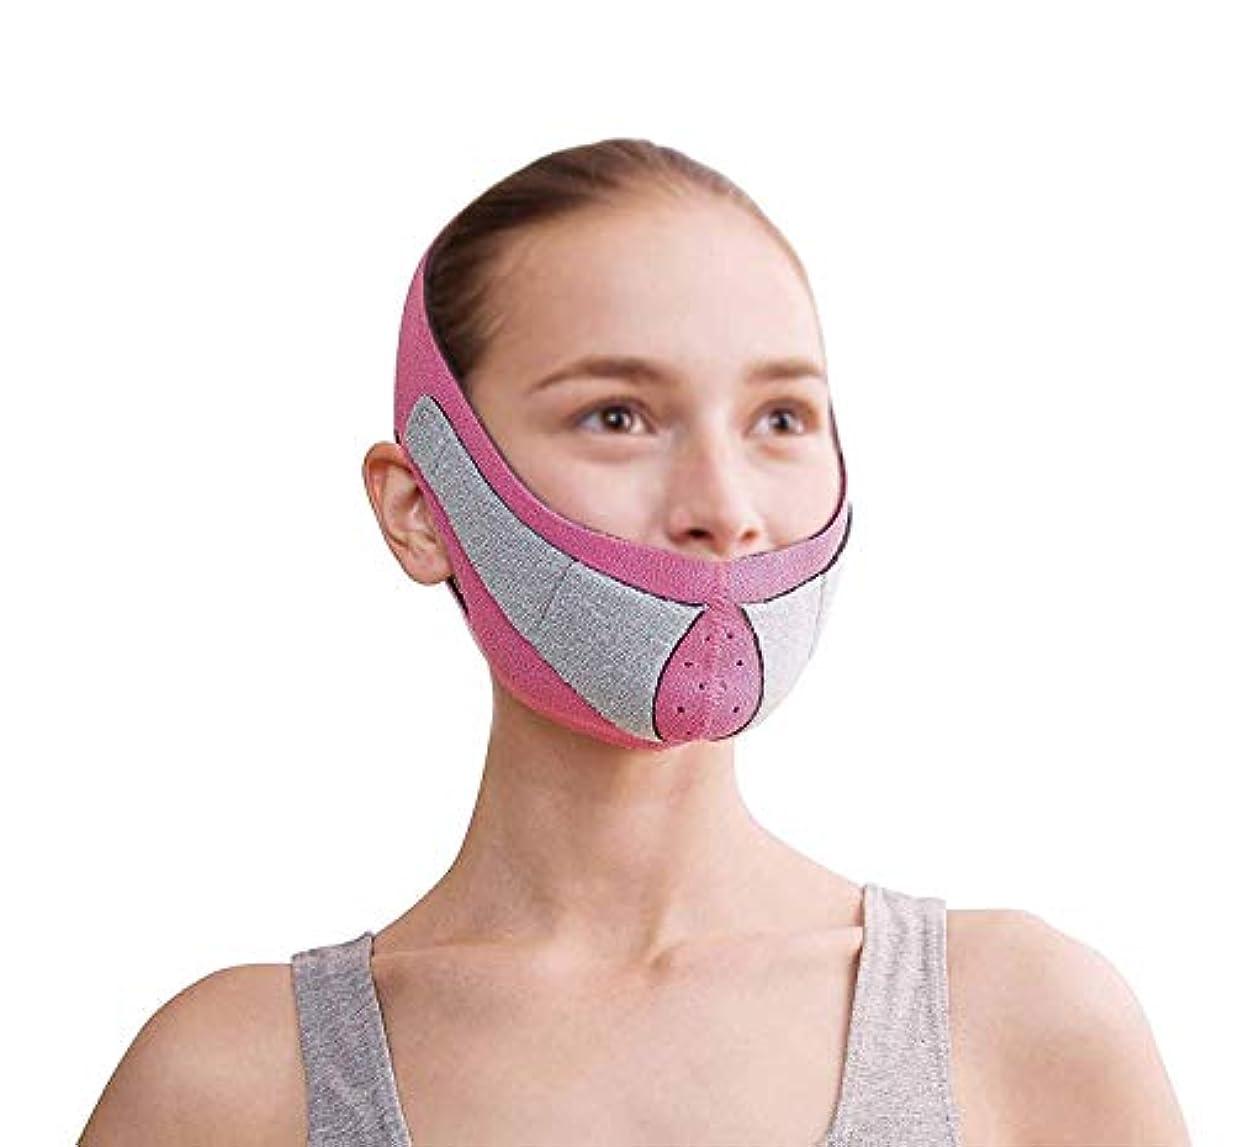 絶望的な基準パウダーフェイスリフトマスク、顔のMaskplus薄いフェイスマスクタイトなたるみの薄いフェイスマスク顔の薄いフェイスマスクアーティファクトネックストラップ付き